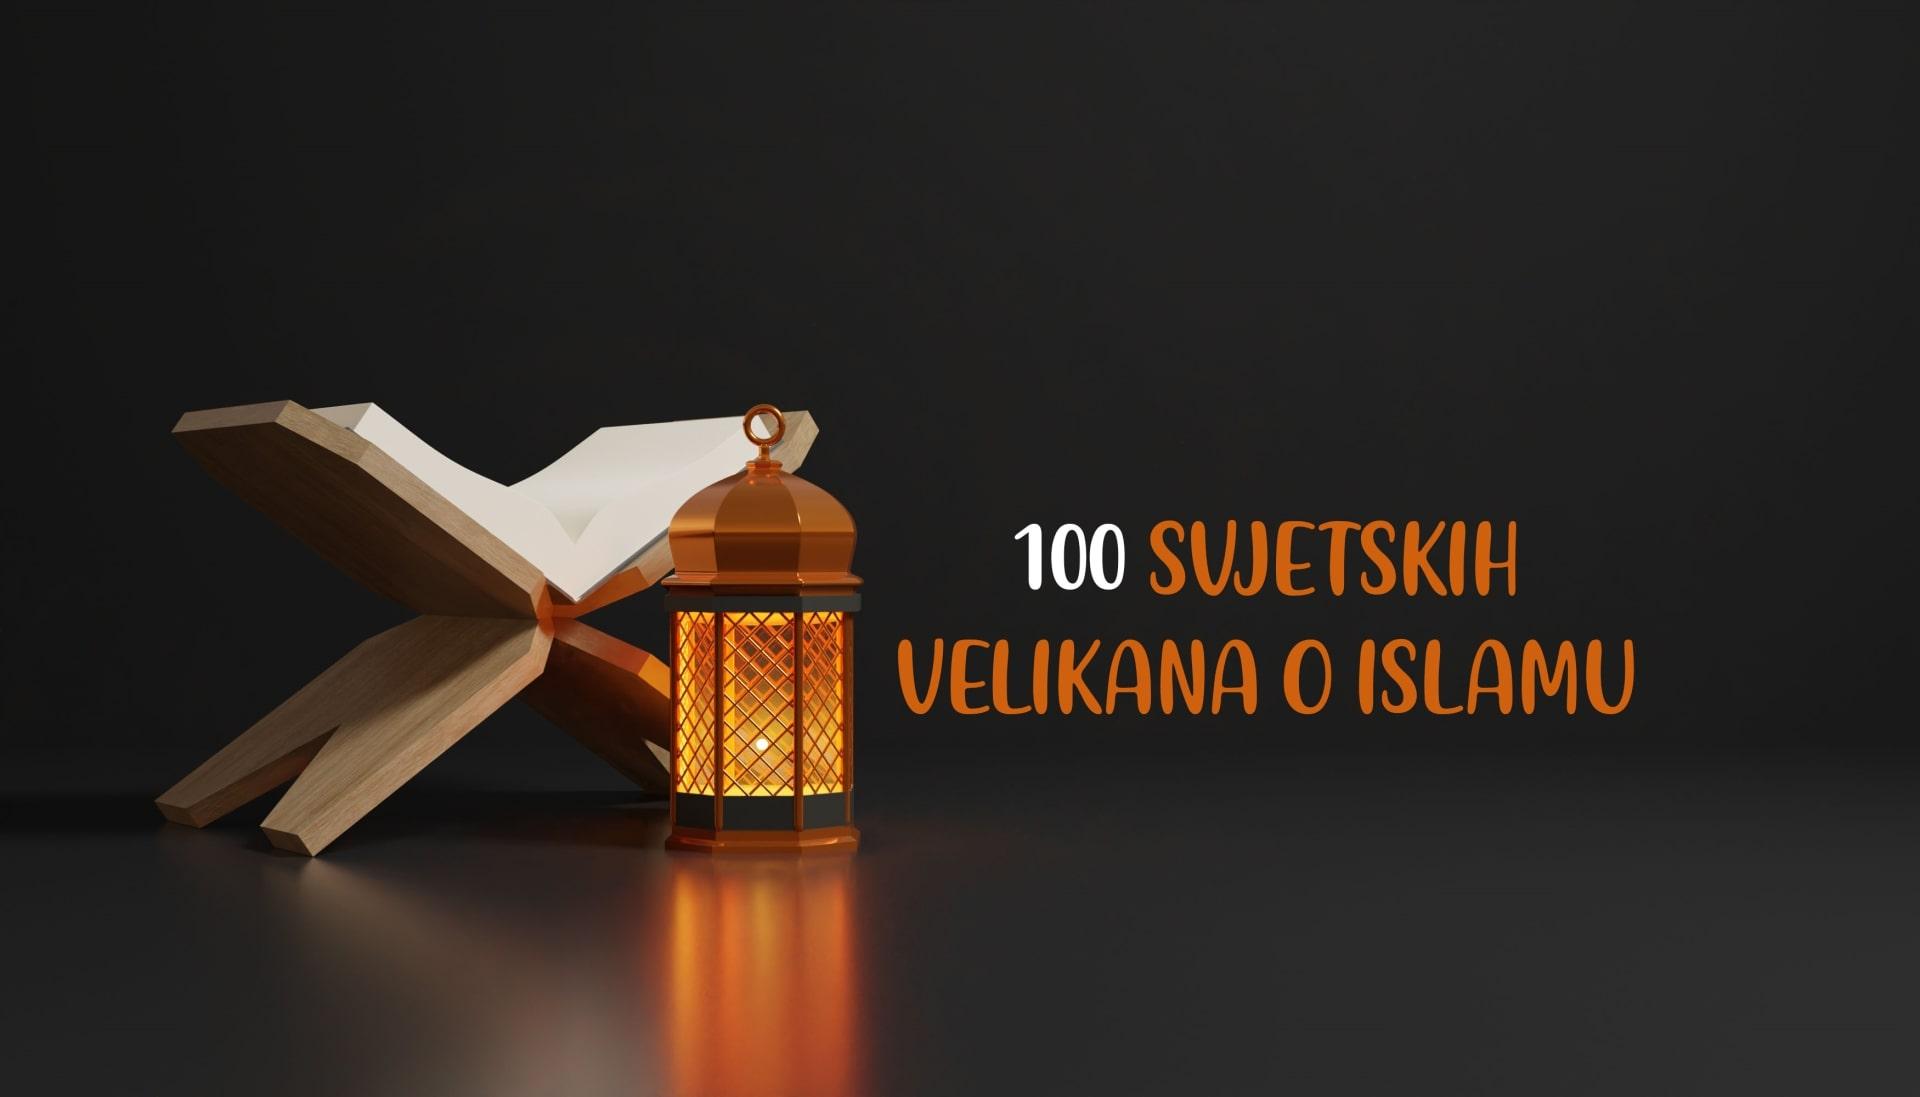 100 svjetskih velikana o islamu - Anđelika Nojvirt